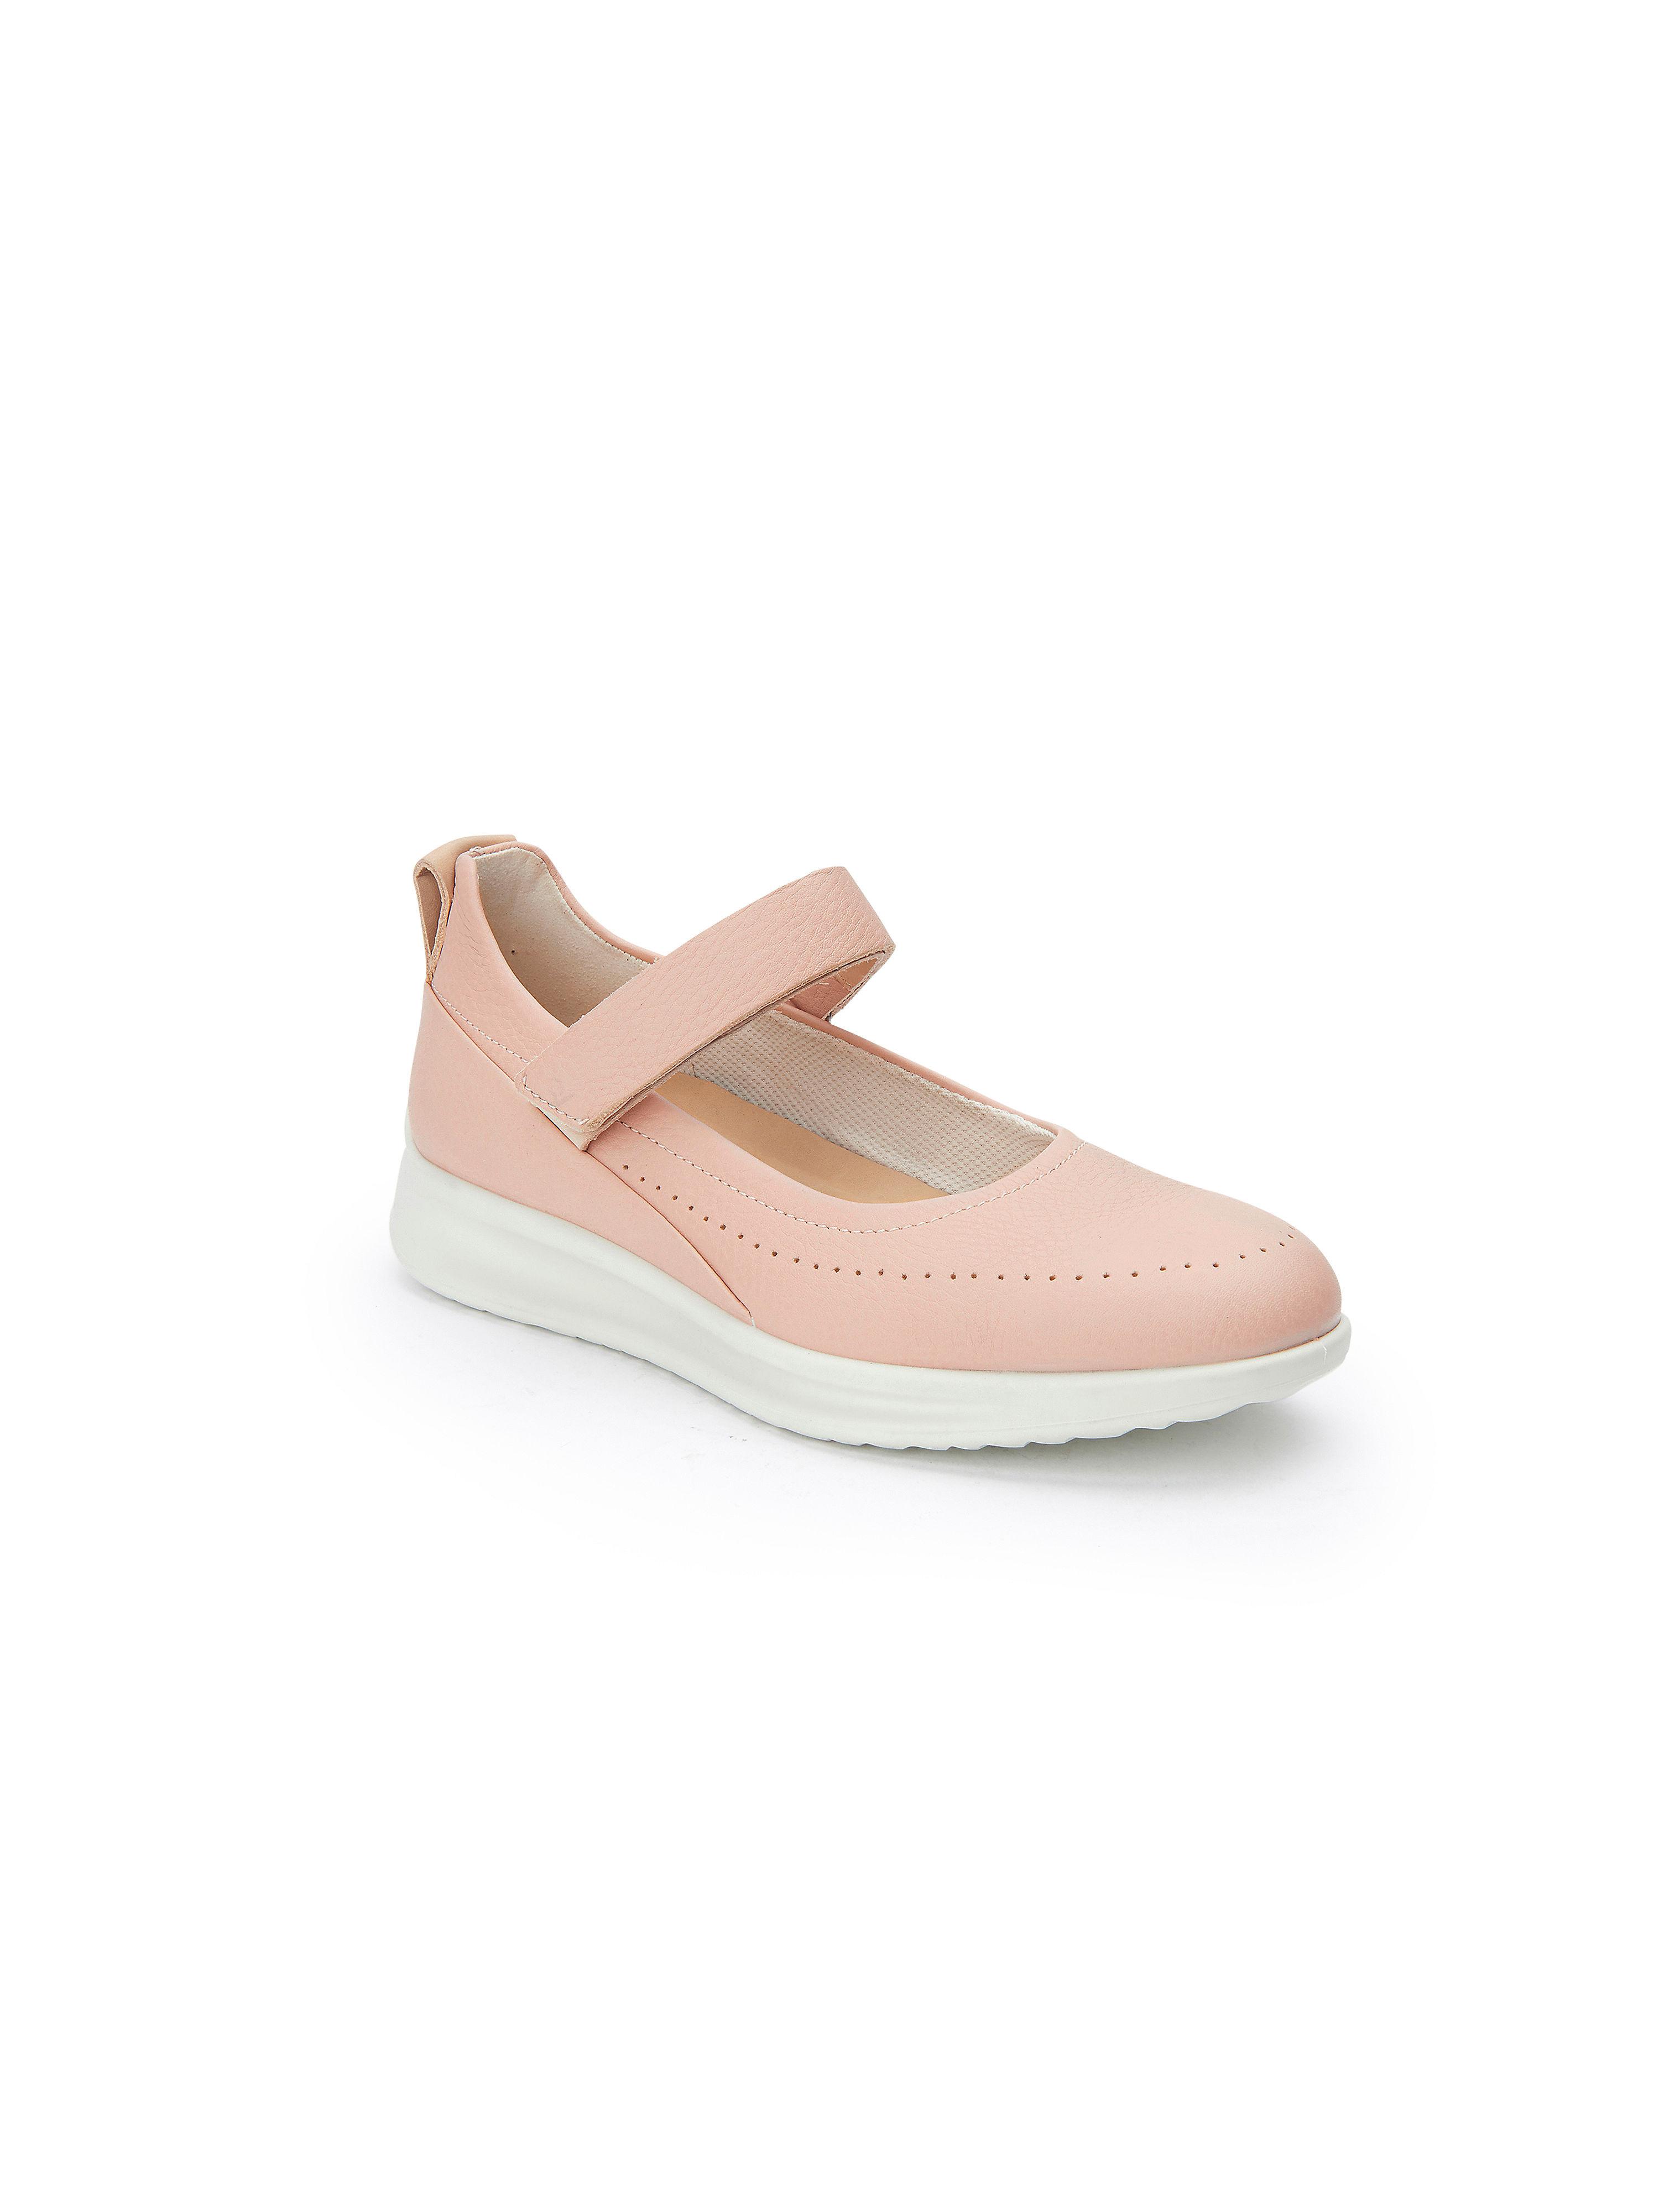 Ecco - Ballerina Aquet aus 100% Leder - Rosé Gute Qualität beliebte Schuhe